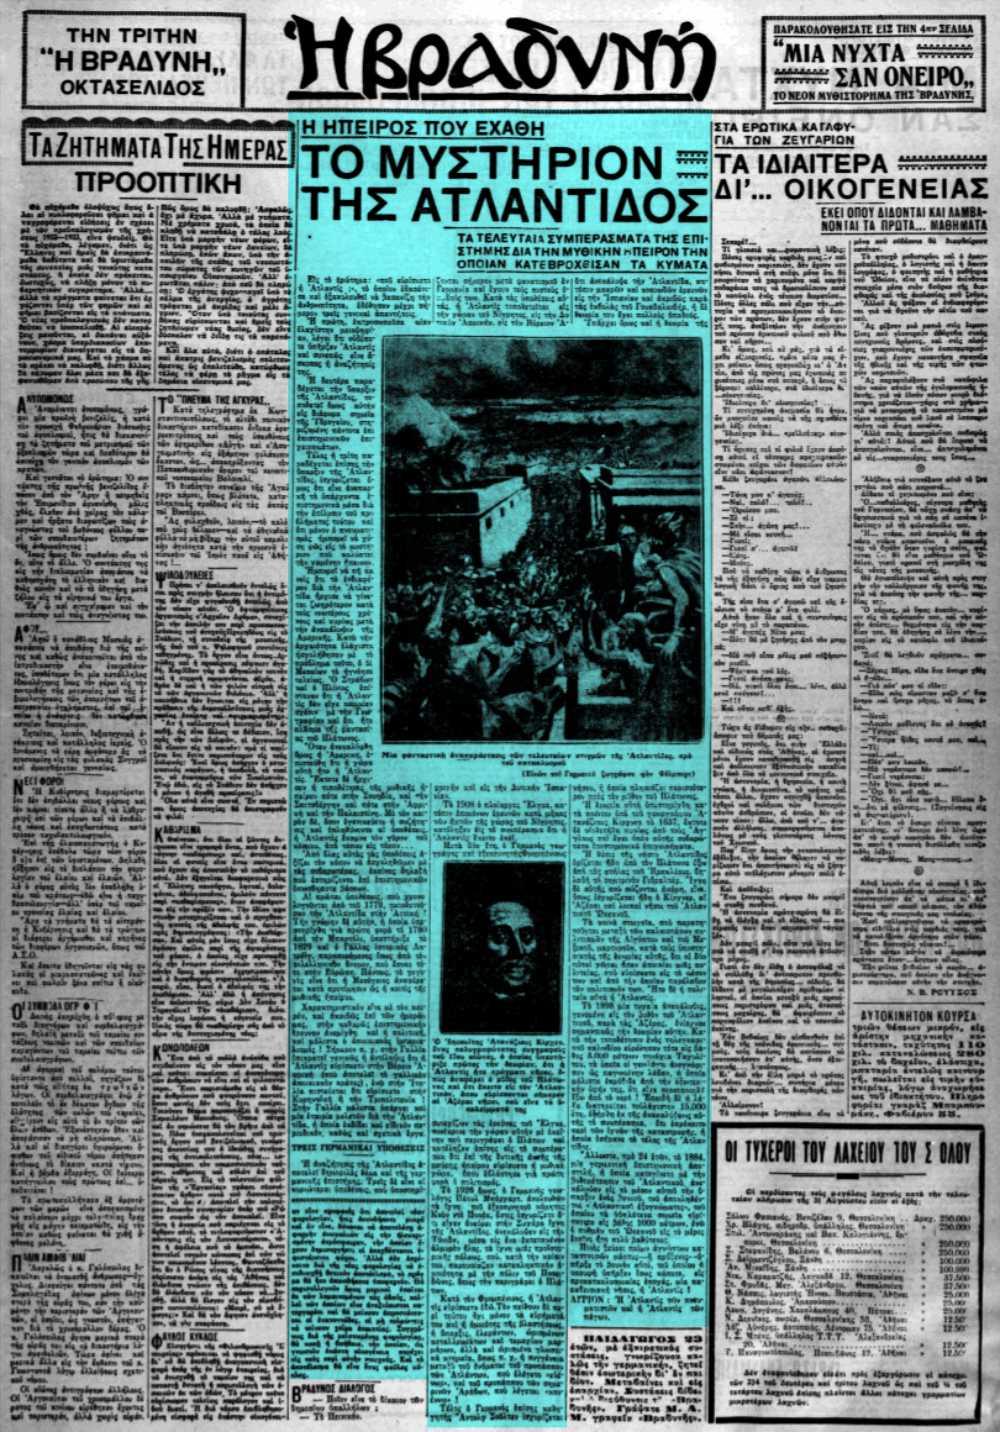 """Το άρθρο, όπως δημοσιεύθηκε στην εφημερίδα """"Η ΒΡΑΔΥΝΗ"""", στις 13/09/1931"""